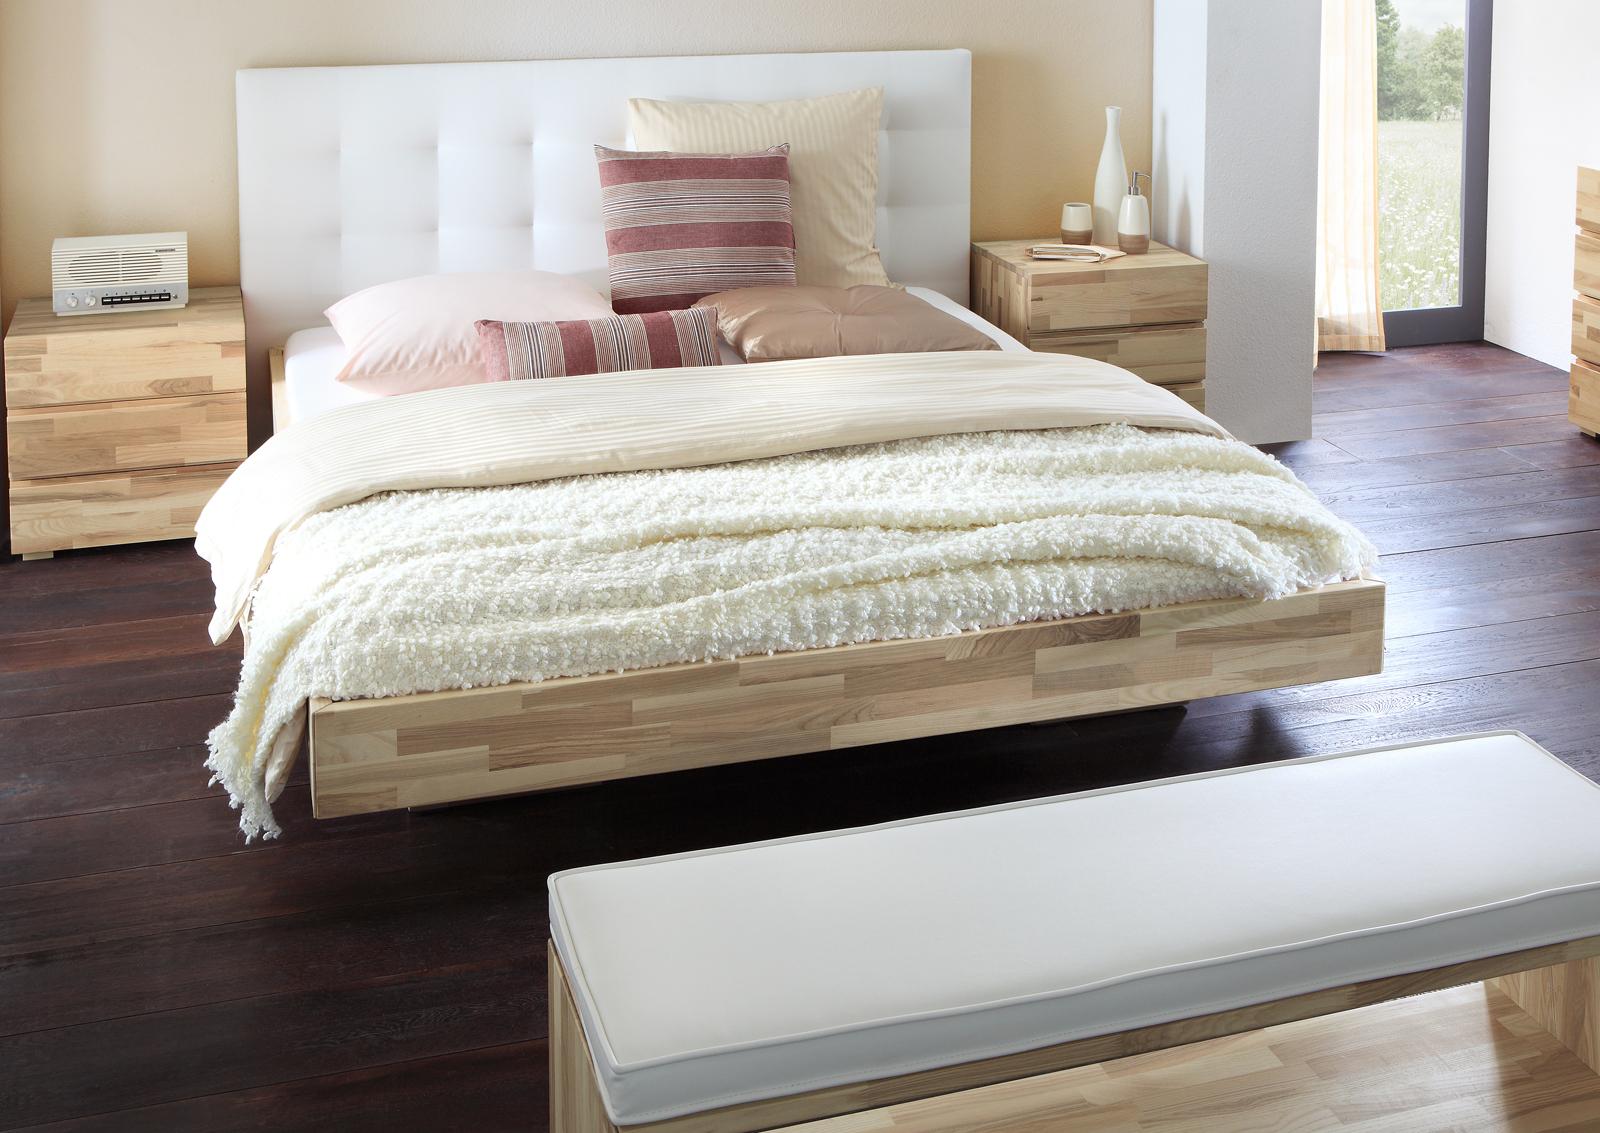 schwebendes bett aus eschenholz mit kopfteil bett portland. Black Bedroom Furniture Sets. Home Design Ideas